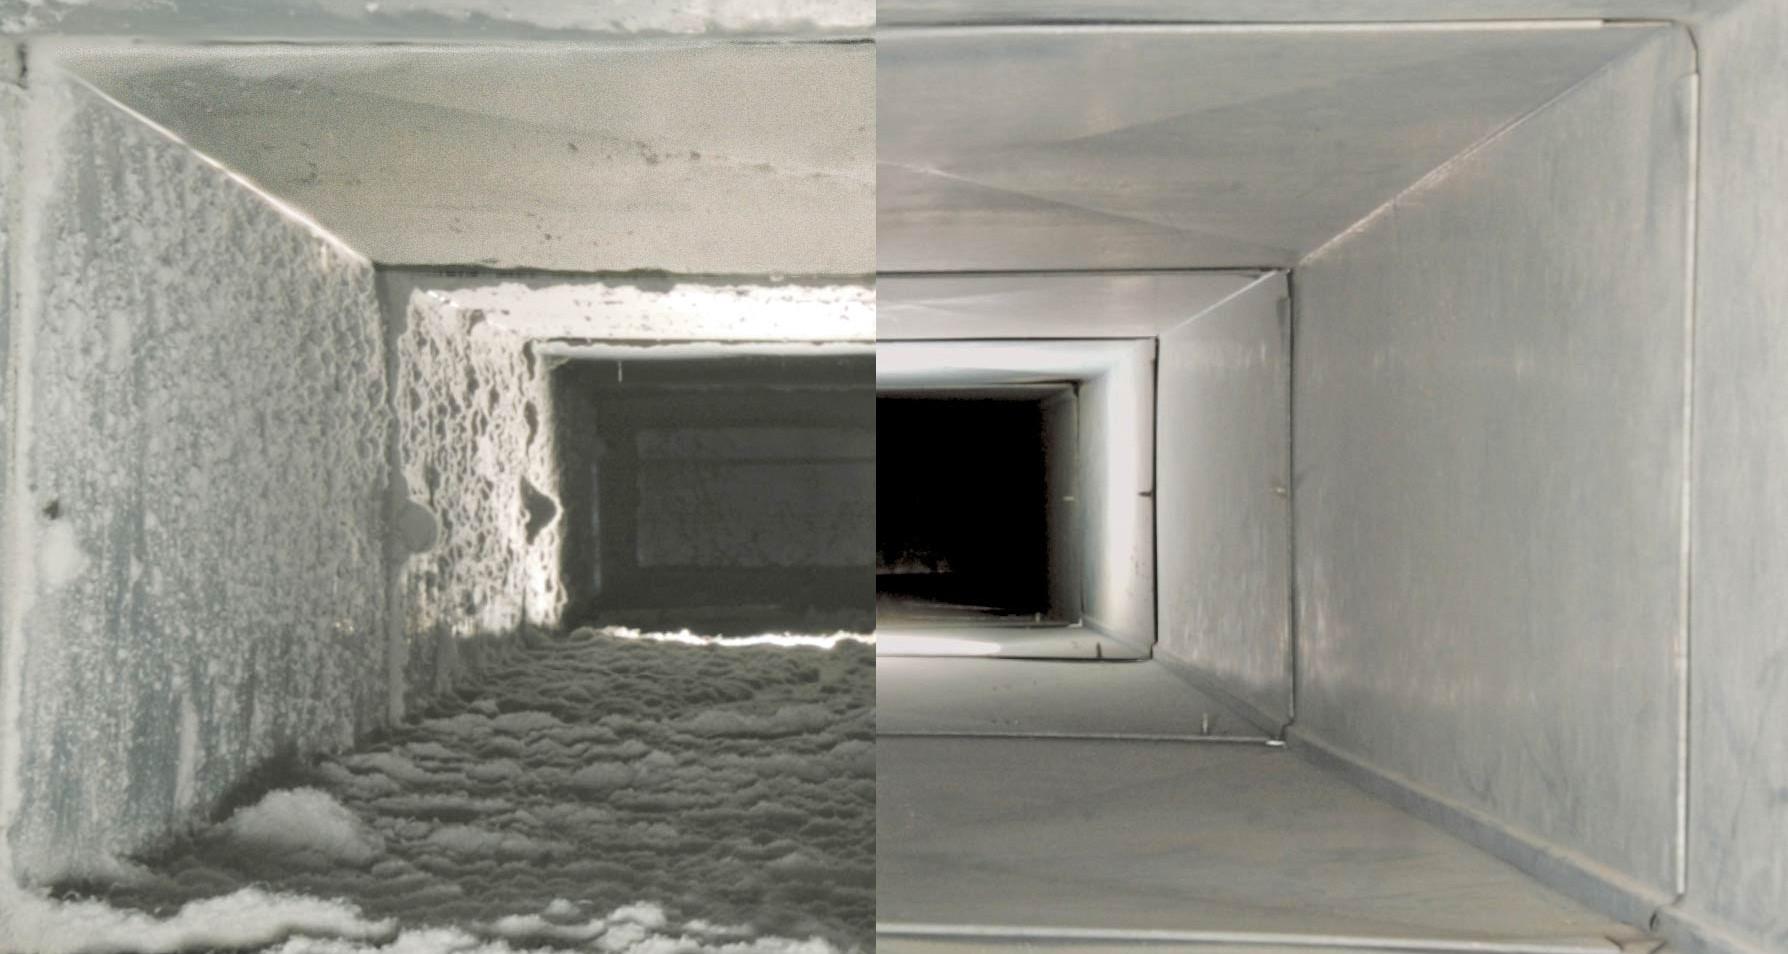 Чистка вентиляции в многоквартирном доме: этапы клининговых работ